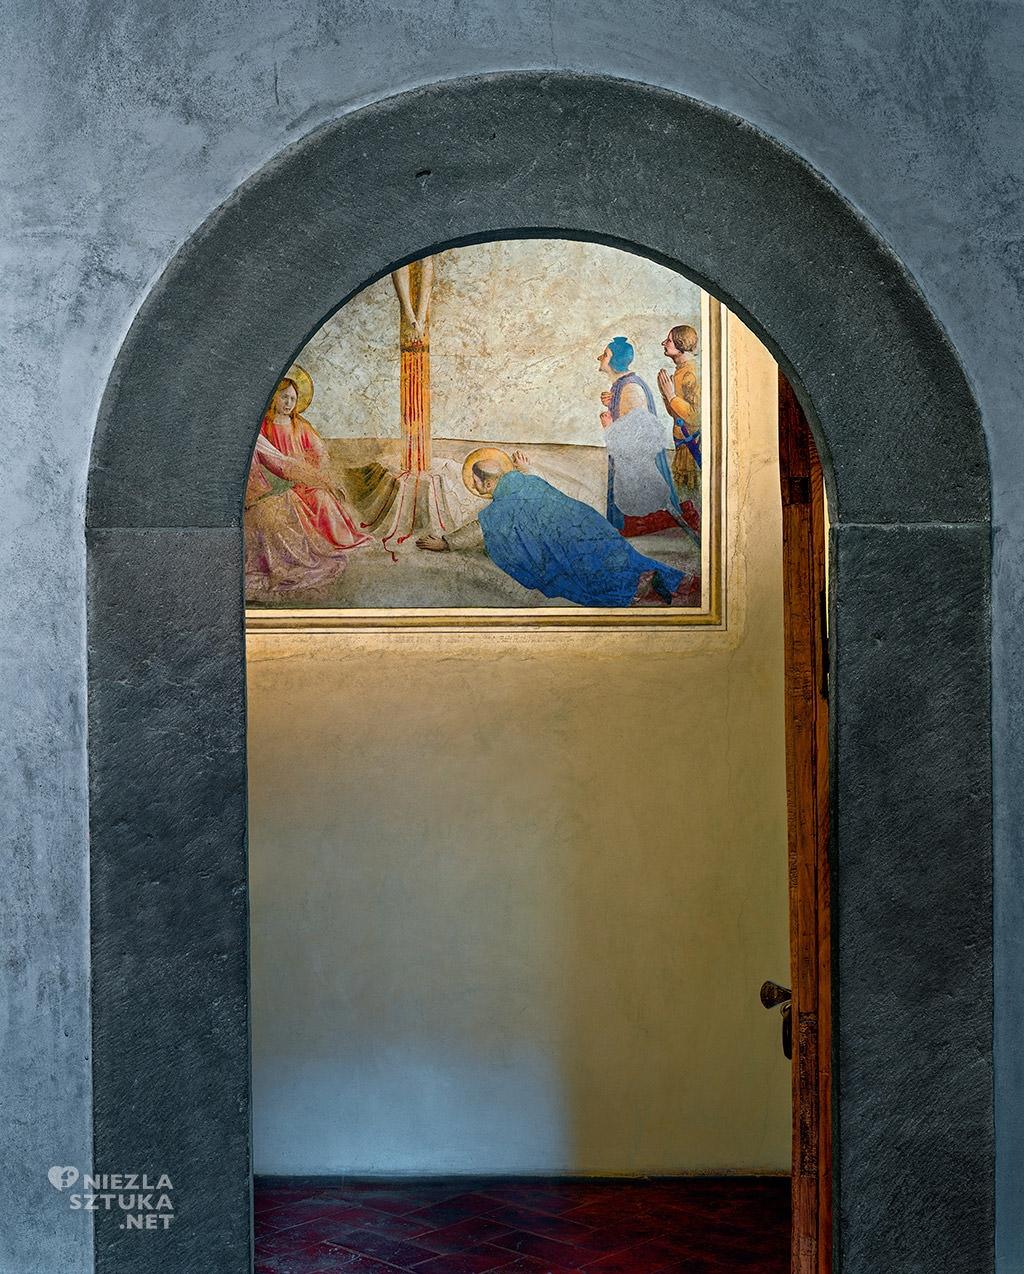 Fra Angelico, Robert Polidori, sztuka włoska, klasztor San Marco, Niezła sztuka